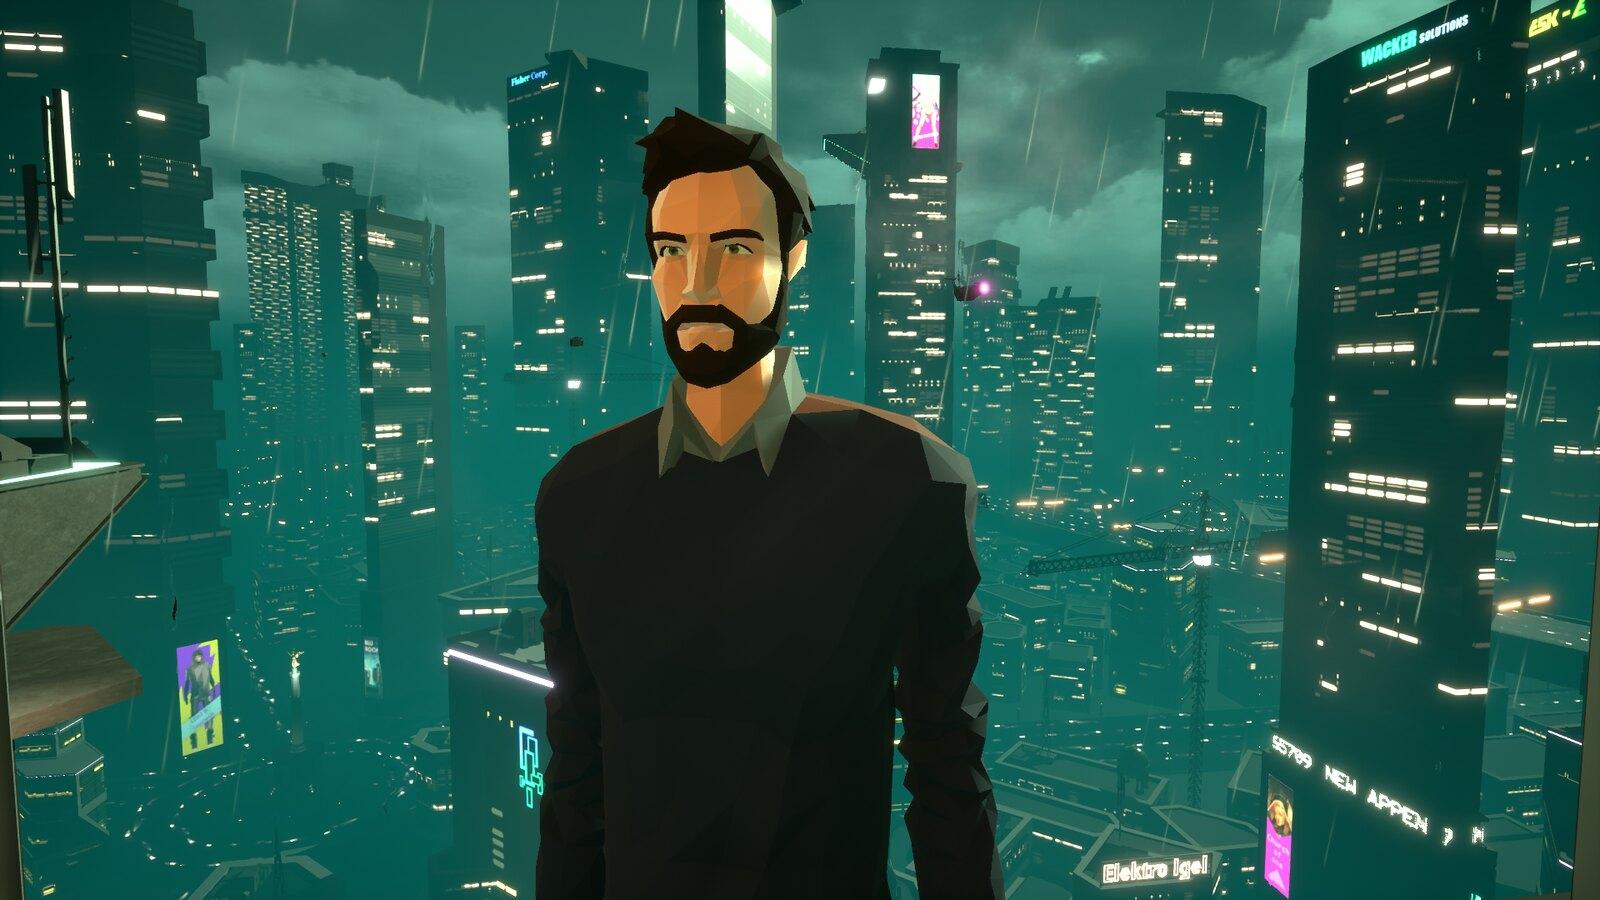 41528381650 d5ffd80da0 h - Im Sci-Fi-Thriller State of Mind spielt ihr in zwei unterschiedlichen Welten sechs verschiedene Charaktere – Launch am 15. August